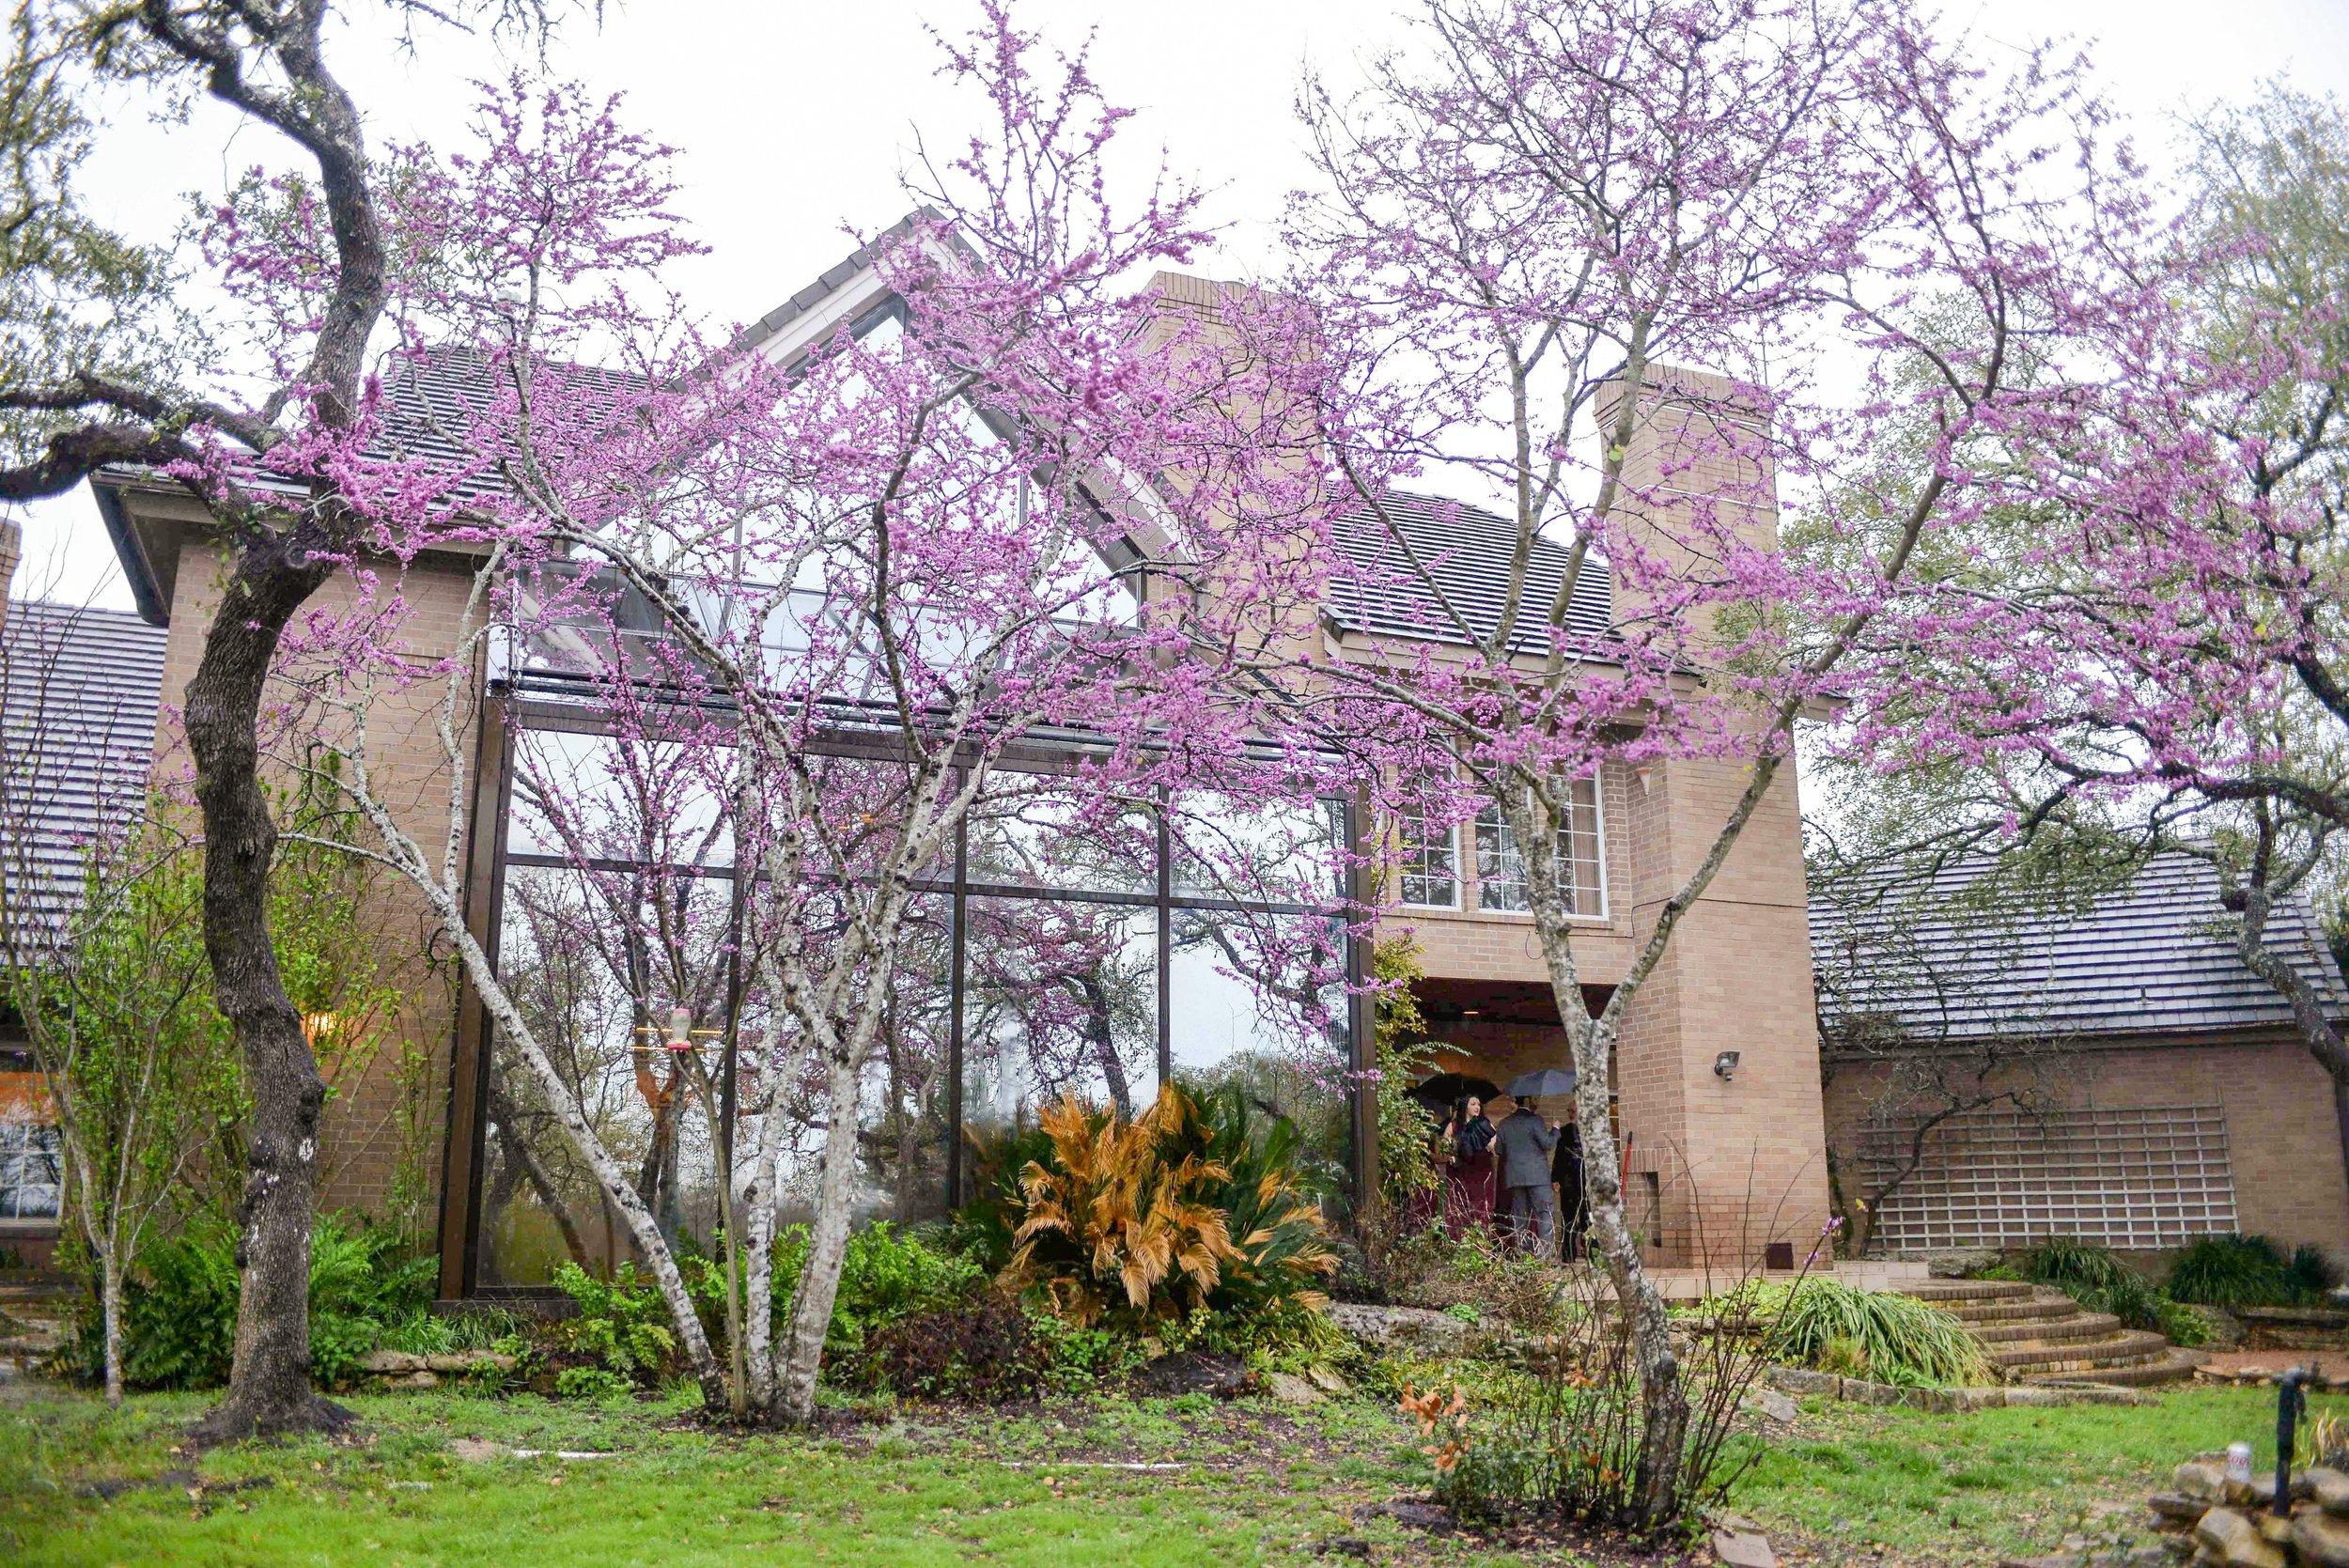 bh tree blooming.jpg